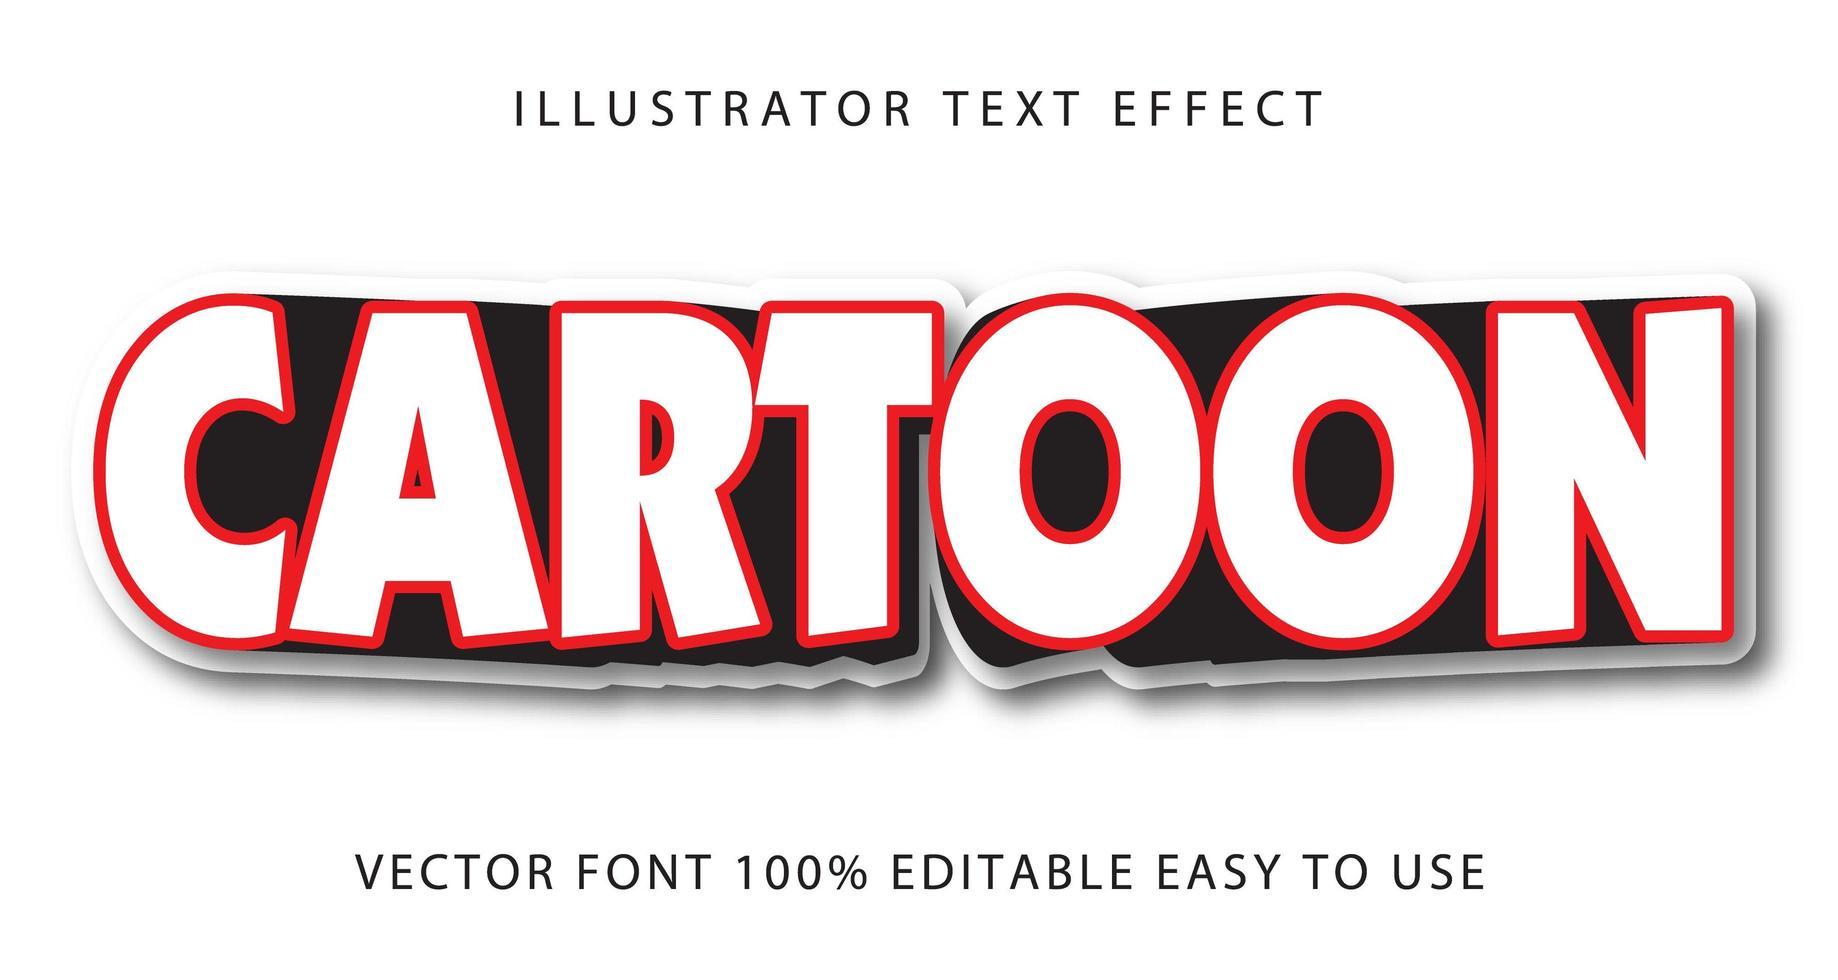 röd, vit tecknad texteffekt vektor